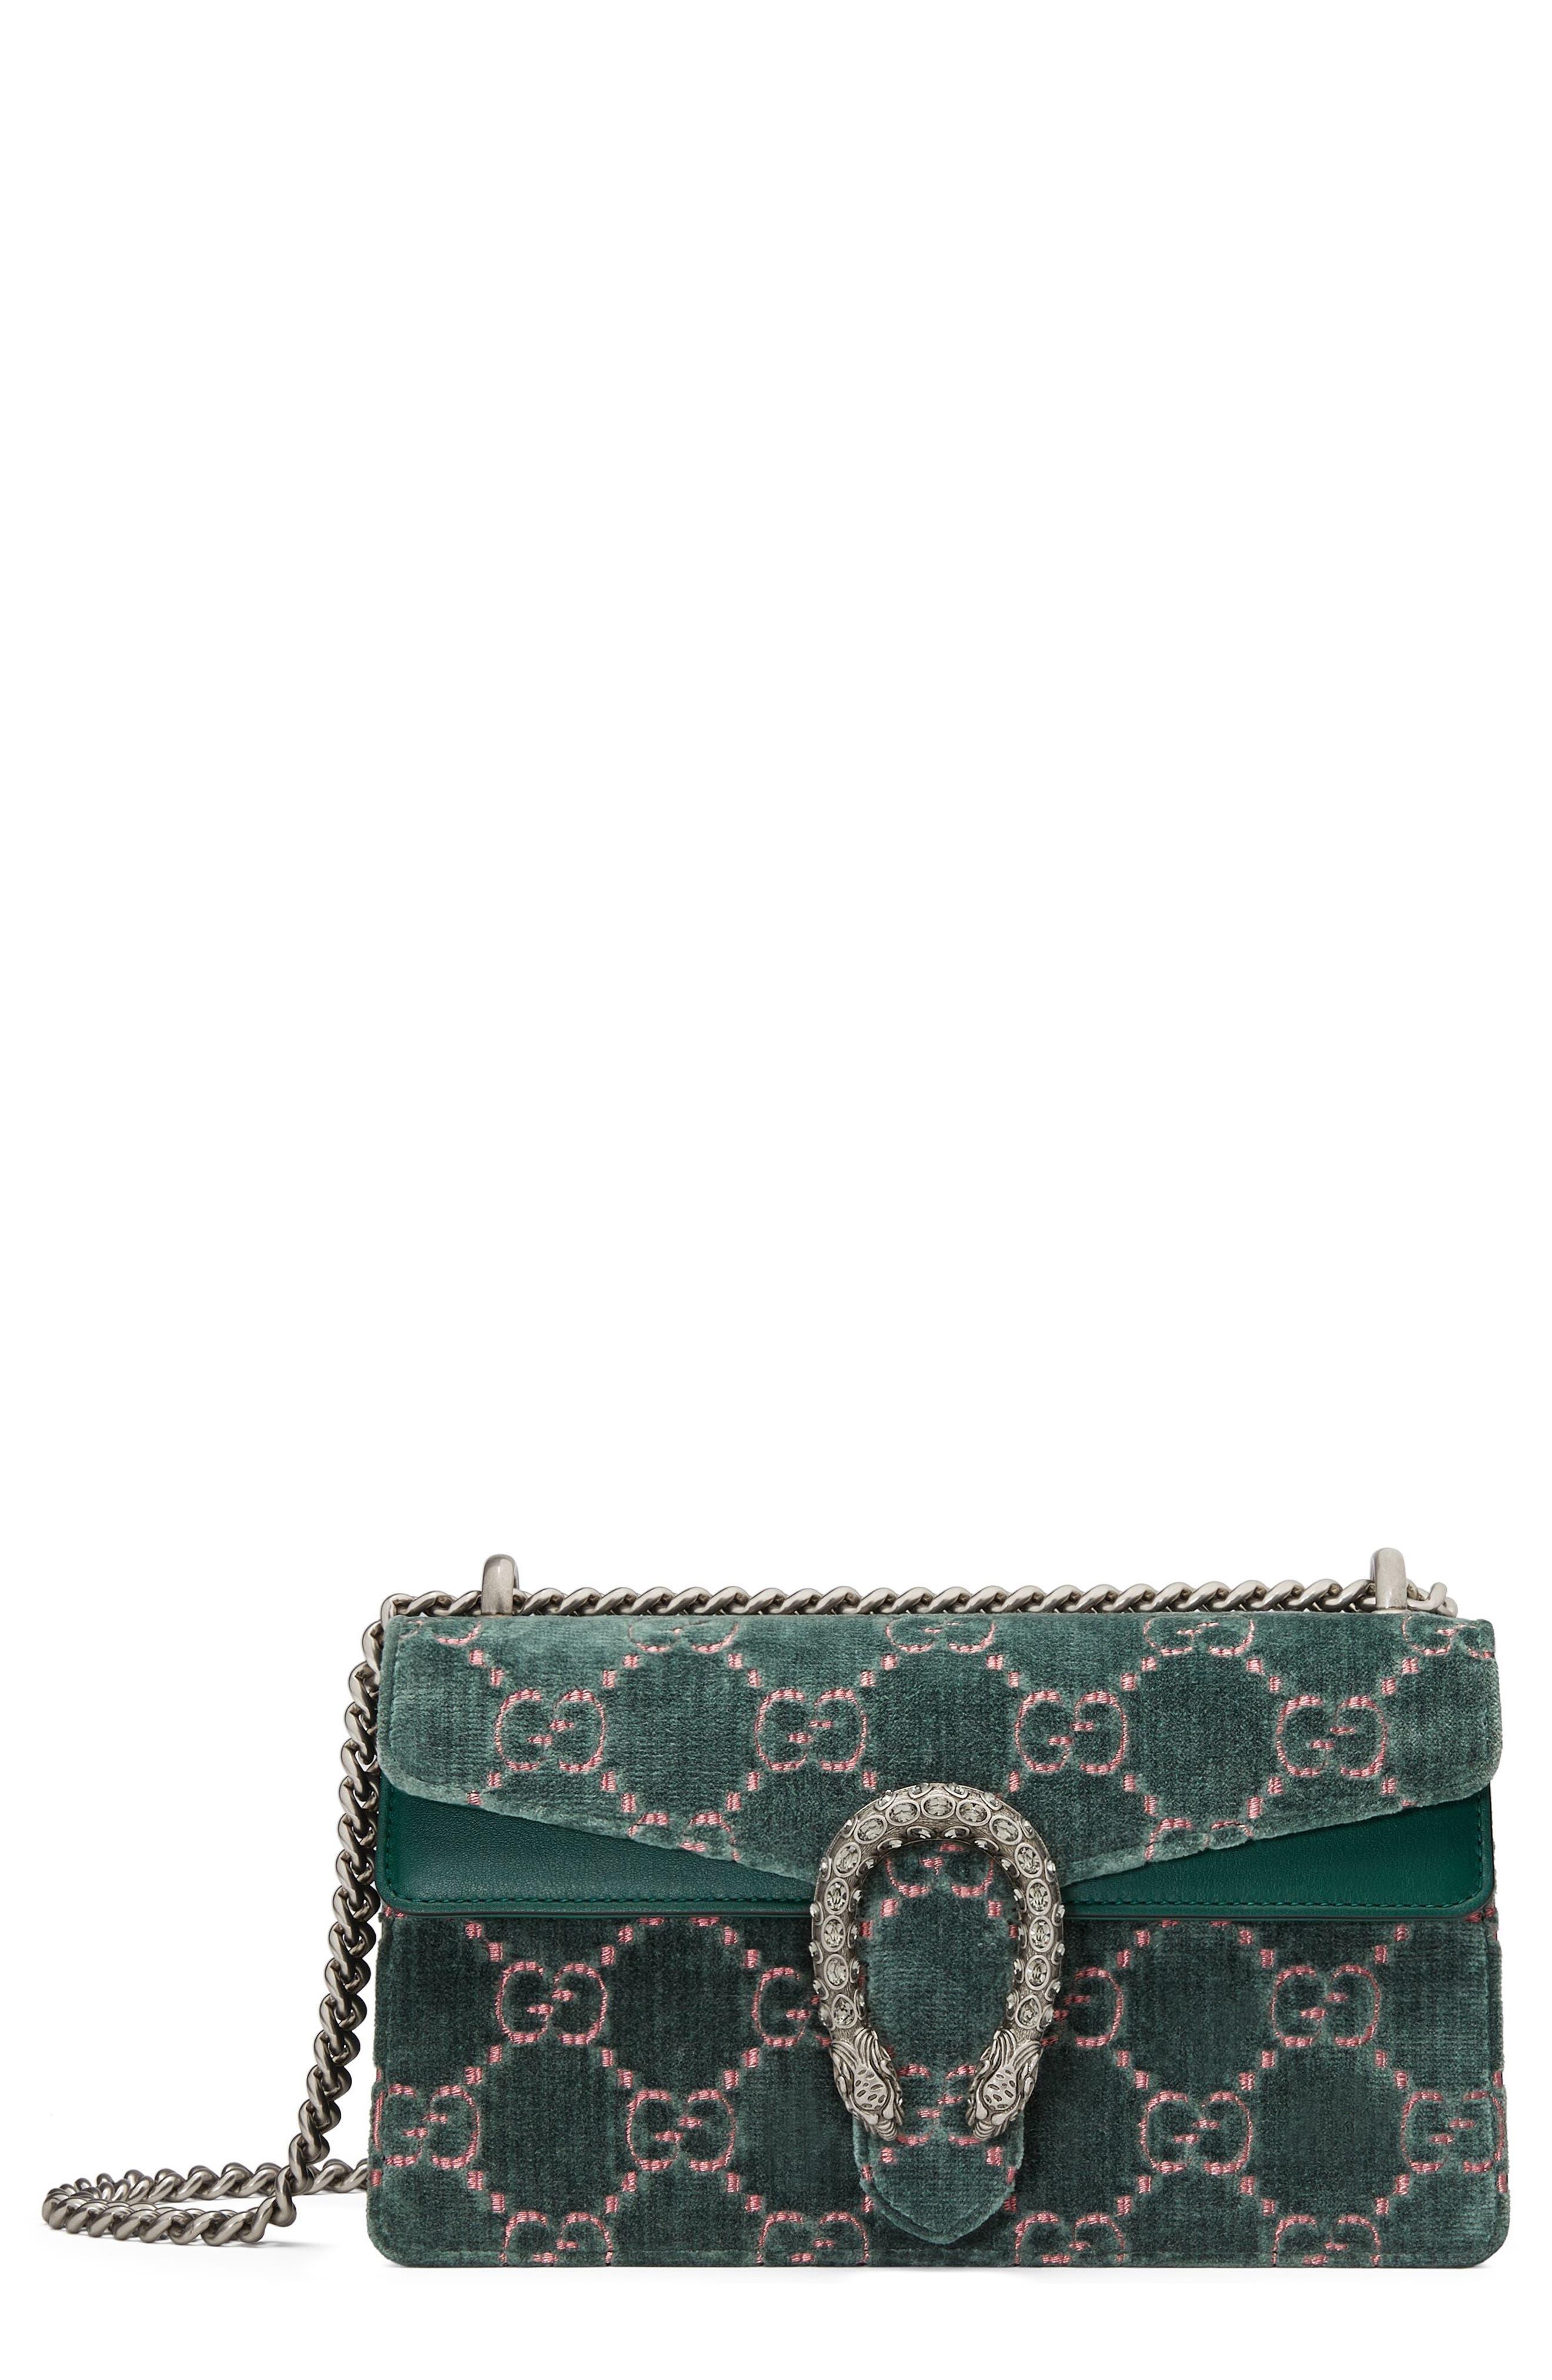 Alternate Image 1 Selected - Gucci Small Dionysus GG Velvet Shoulder Bag